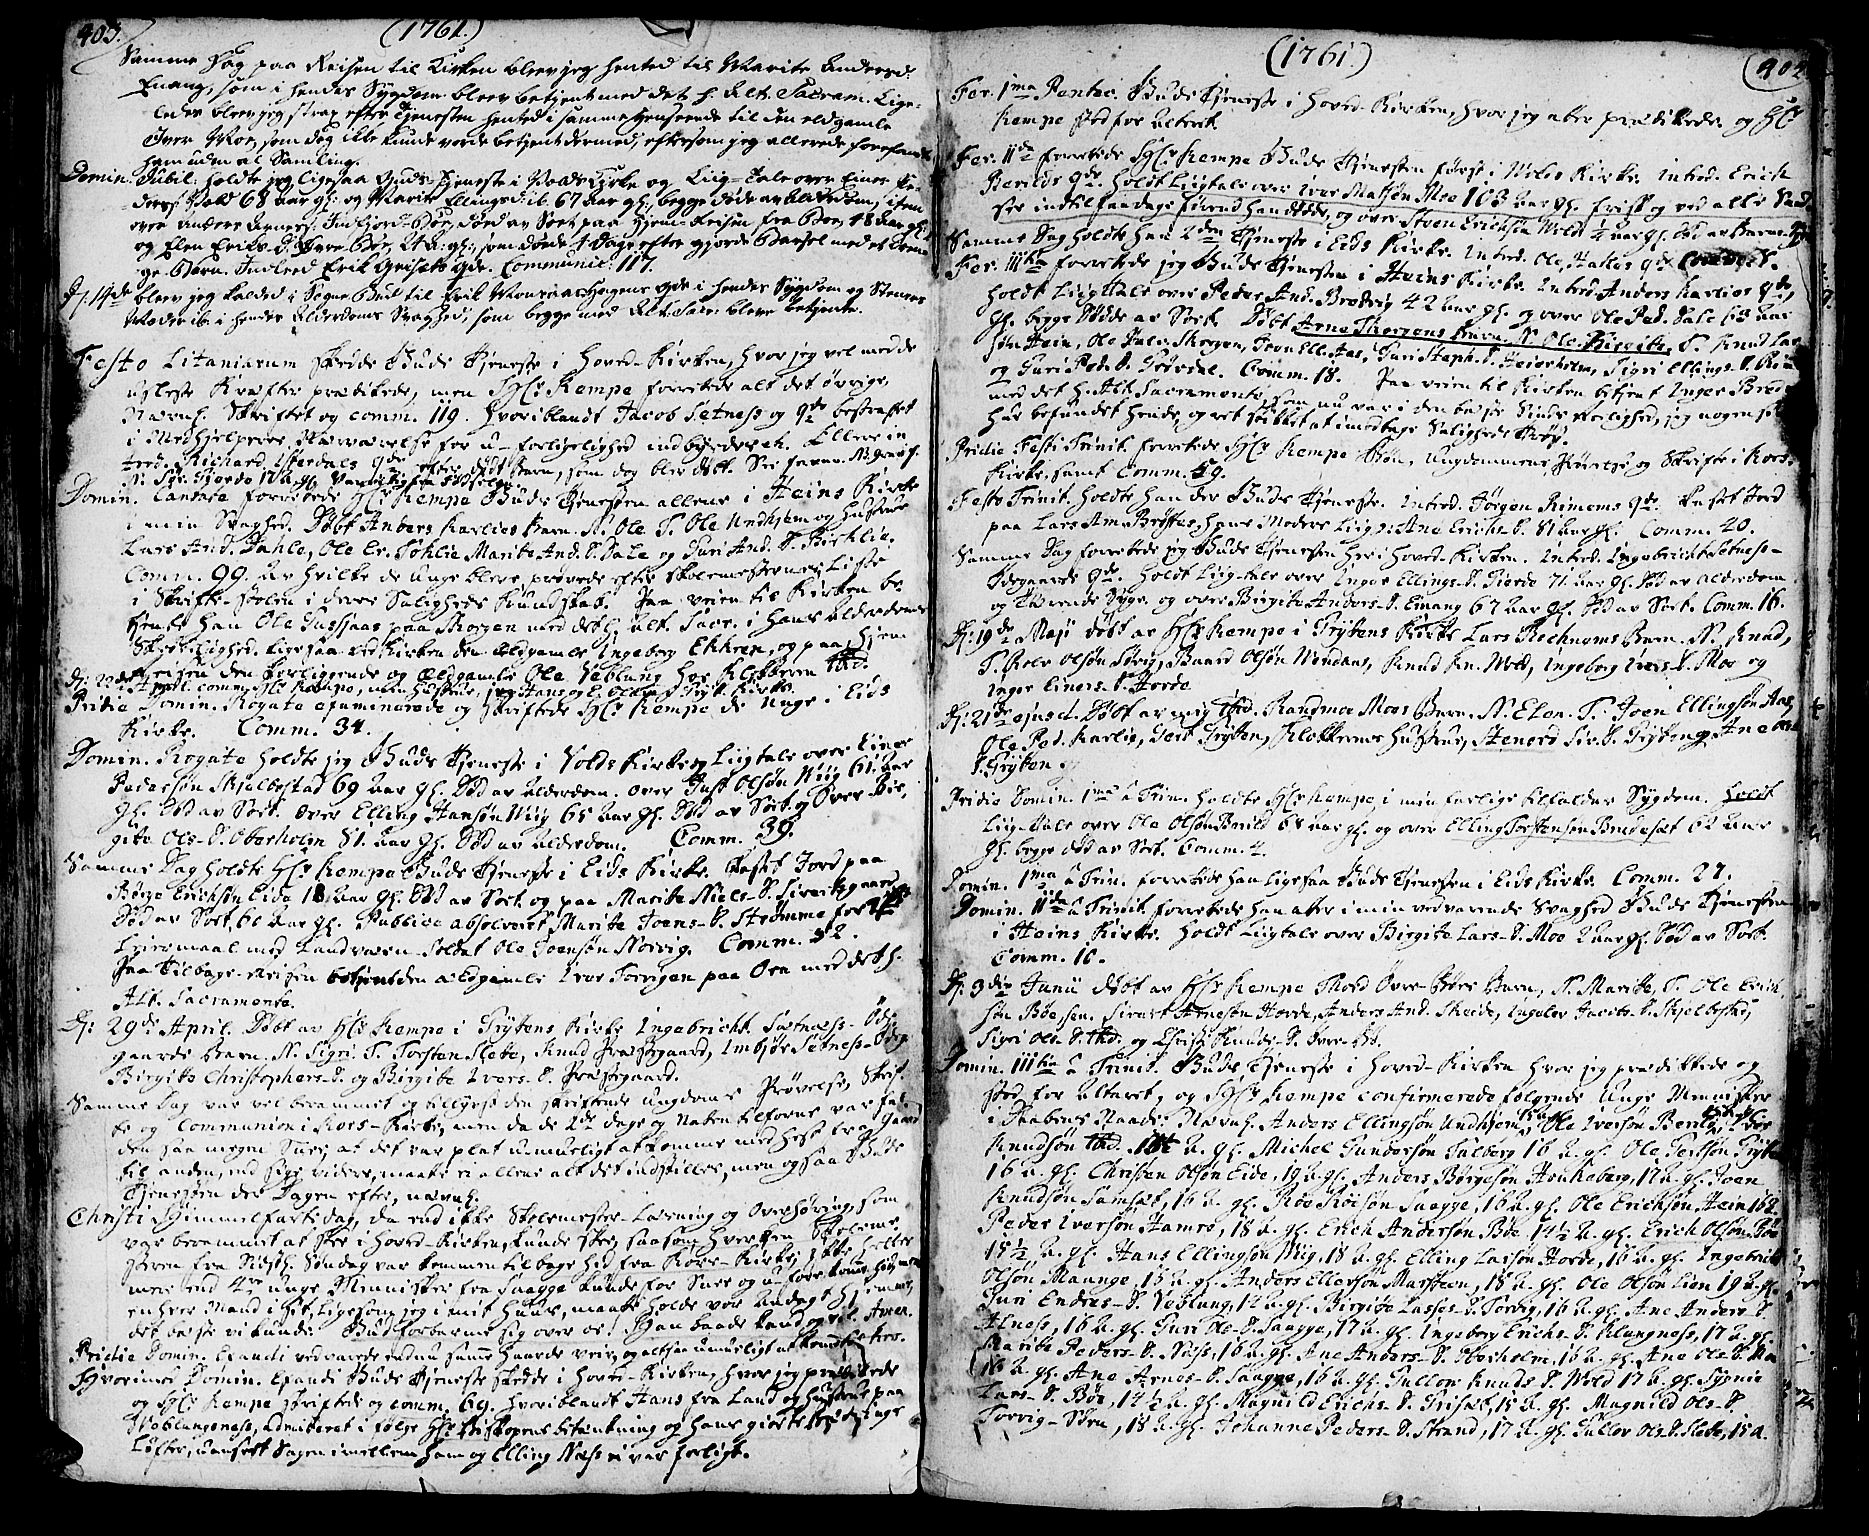 SAT, Ministerialprotokoller, klokkerbøker og fødselsregistre - Møre og Romsdal, 544/L0568: Ministerialbok nr. 544A01, 1725-1763, s. 403-404